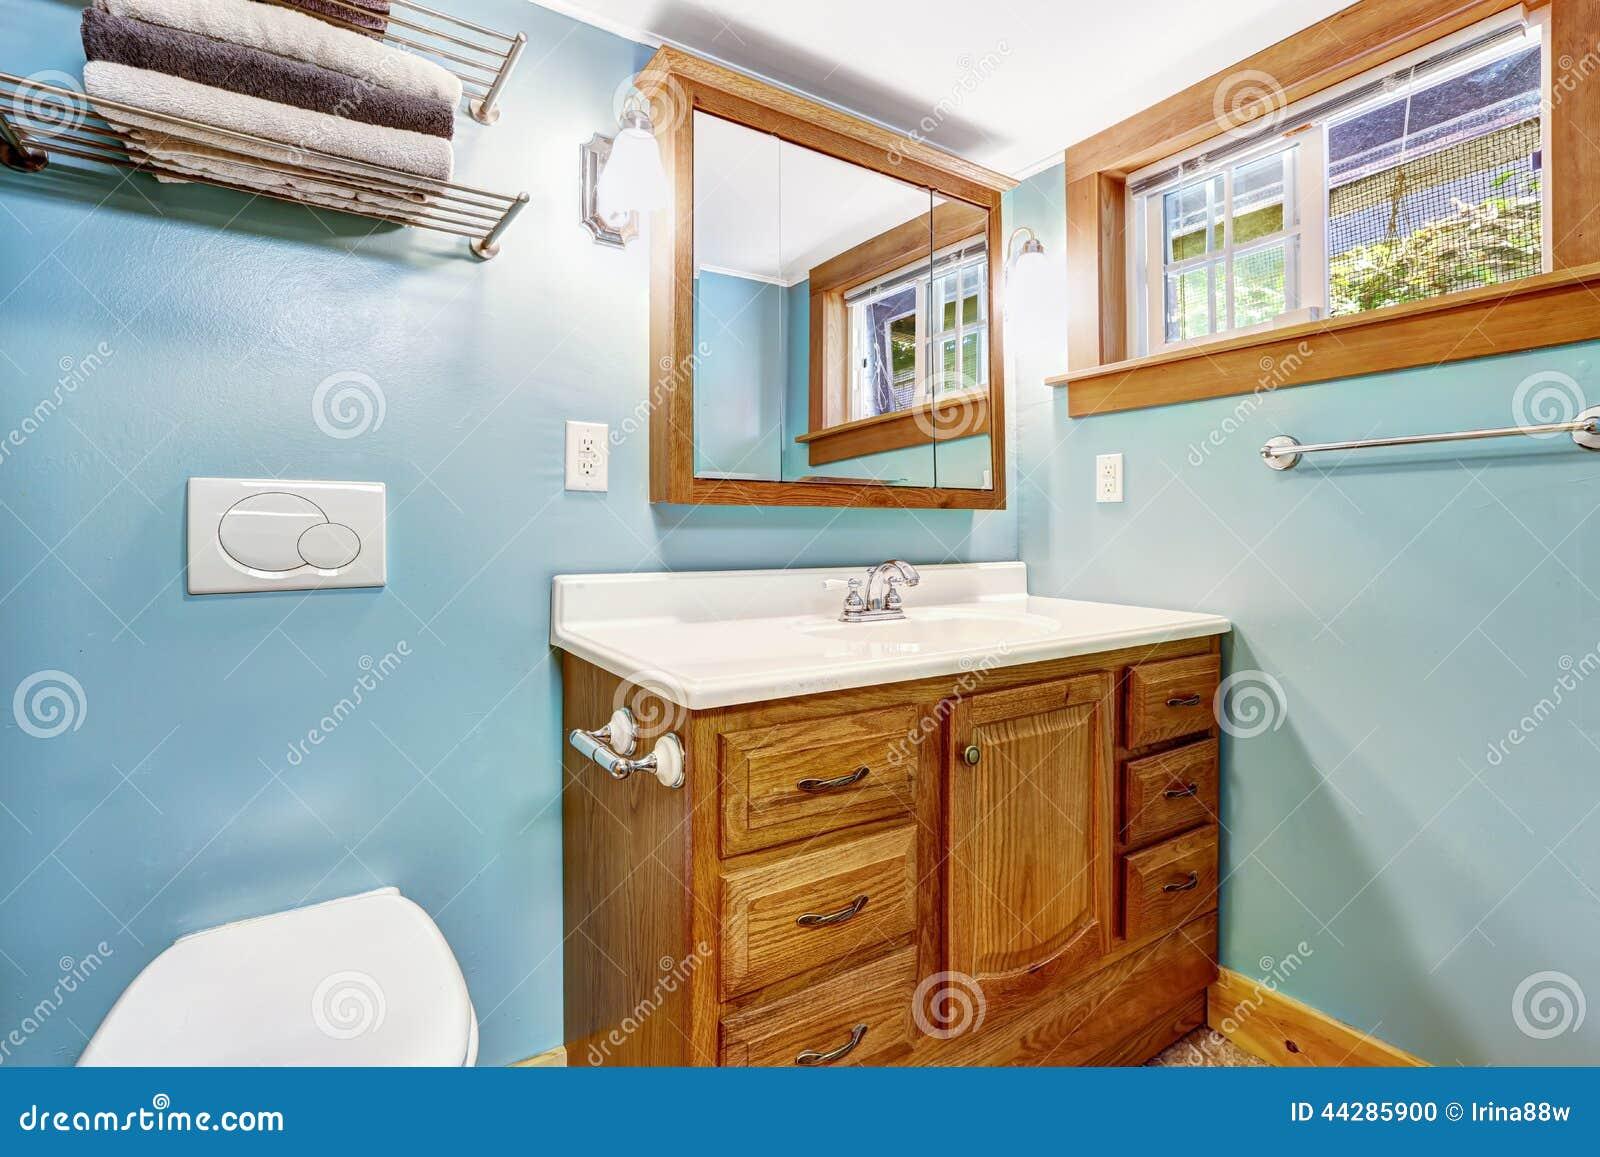 Armario De Madeira Banheiro : Interior azul do banheiro com o arm?rio de madeira da